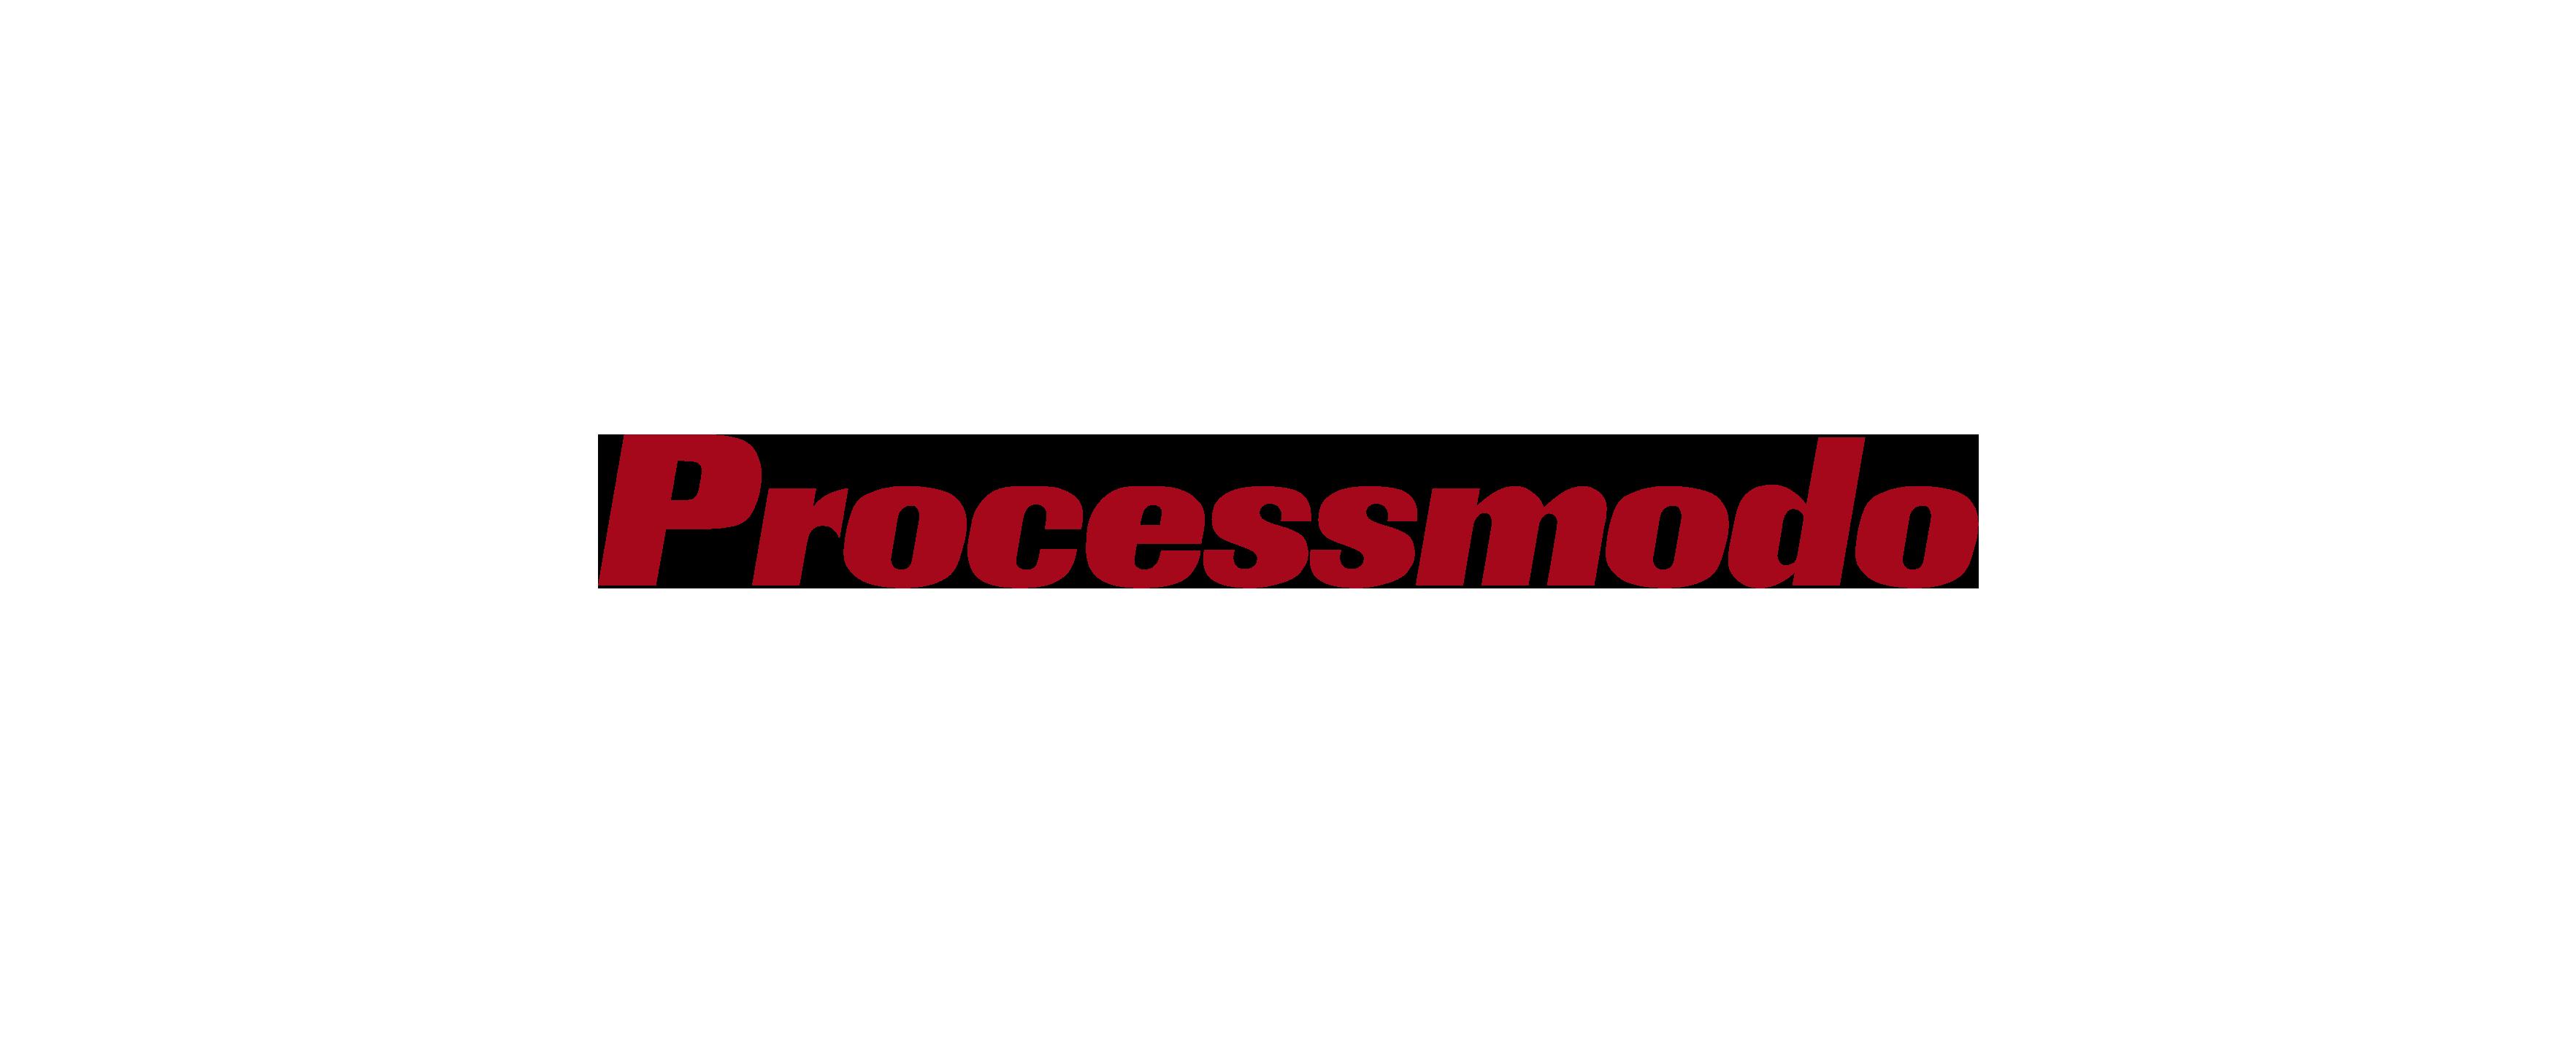 Processmodo.com